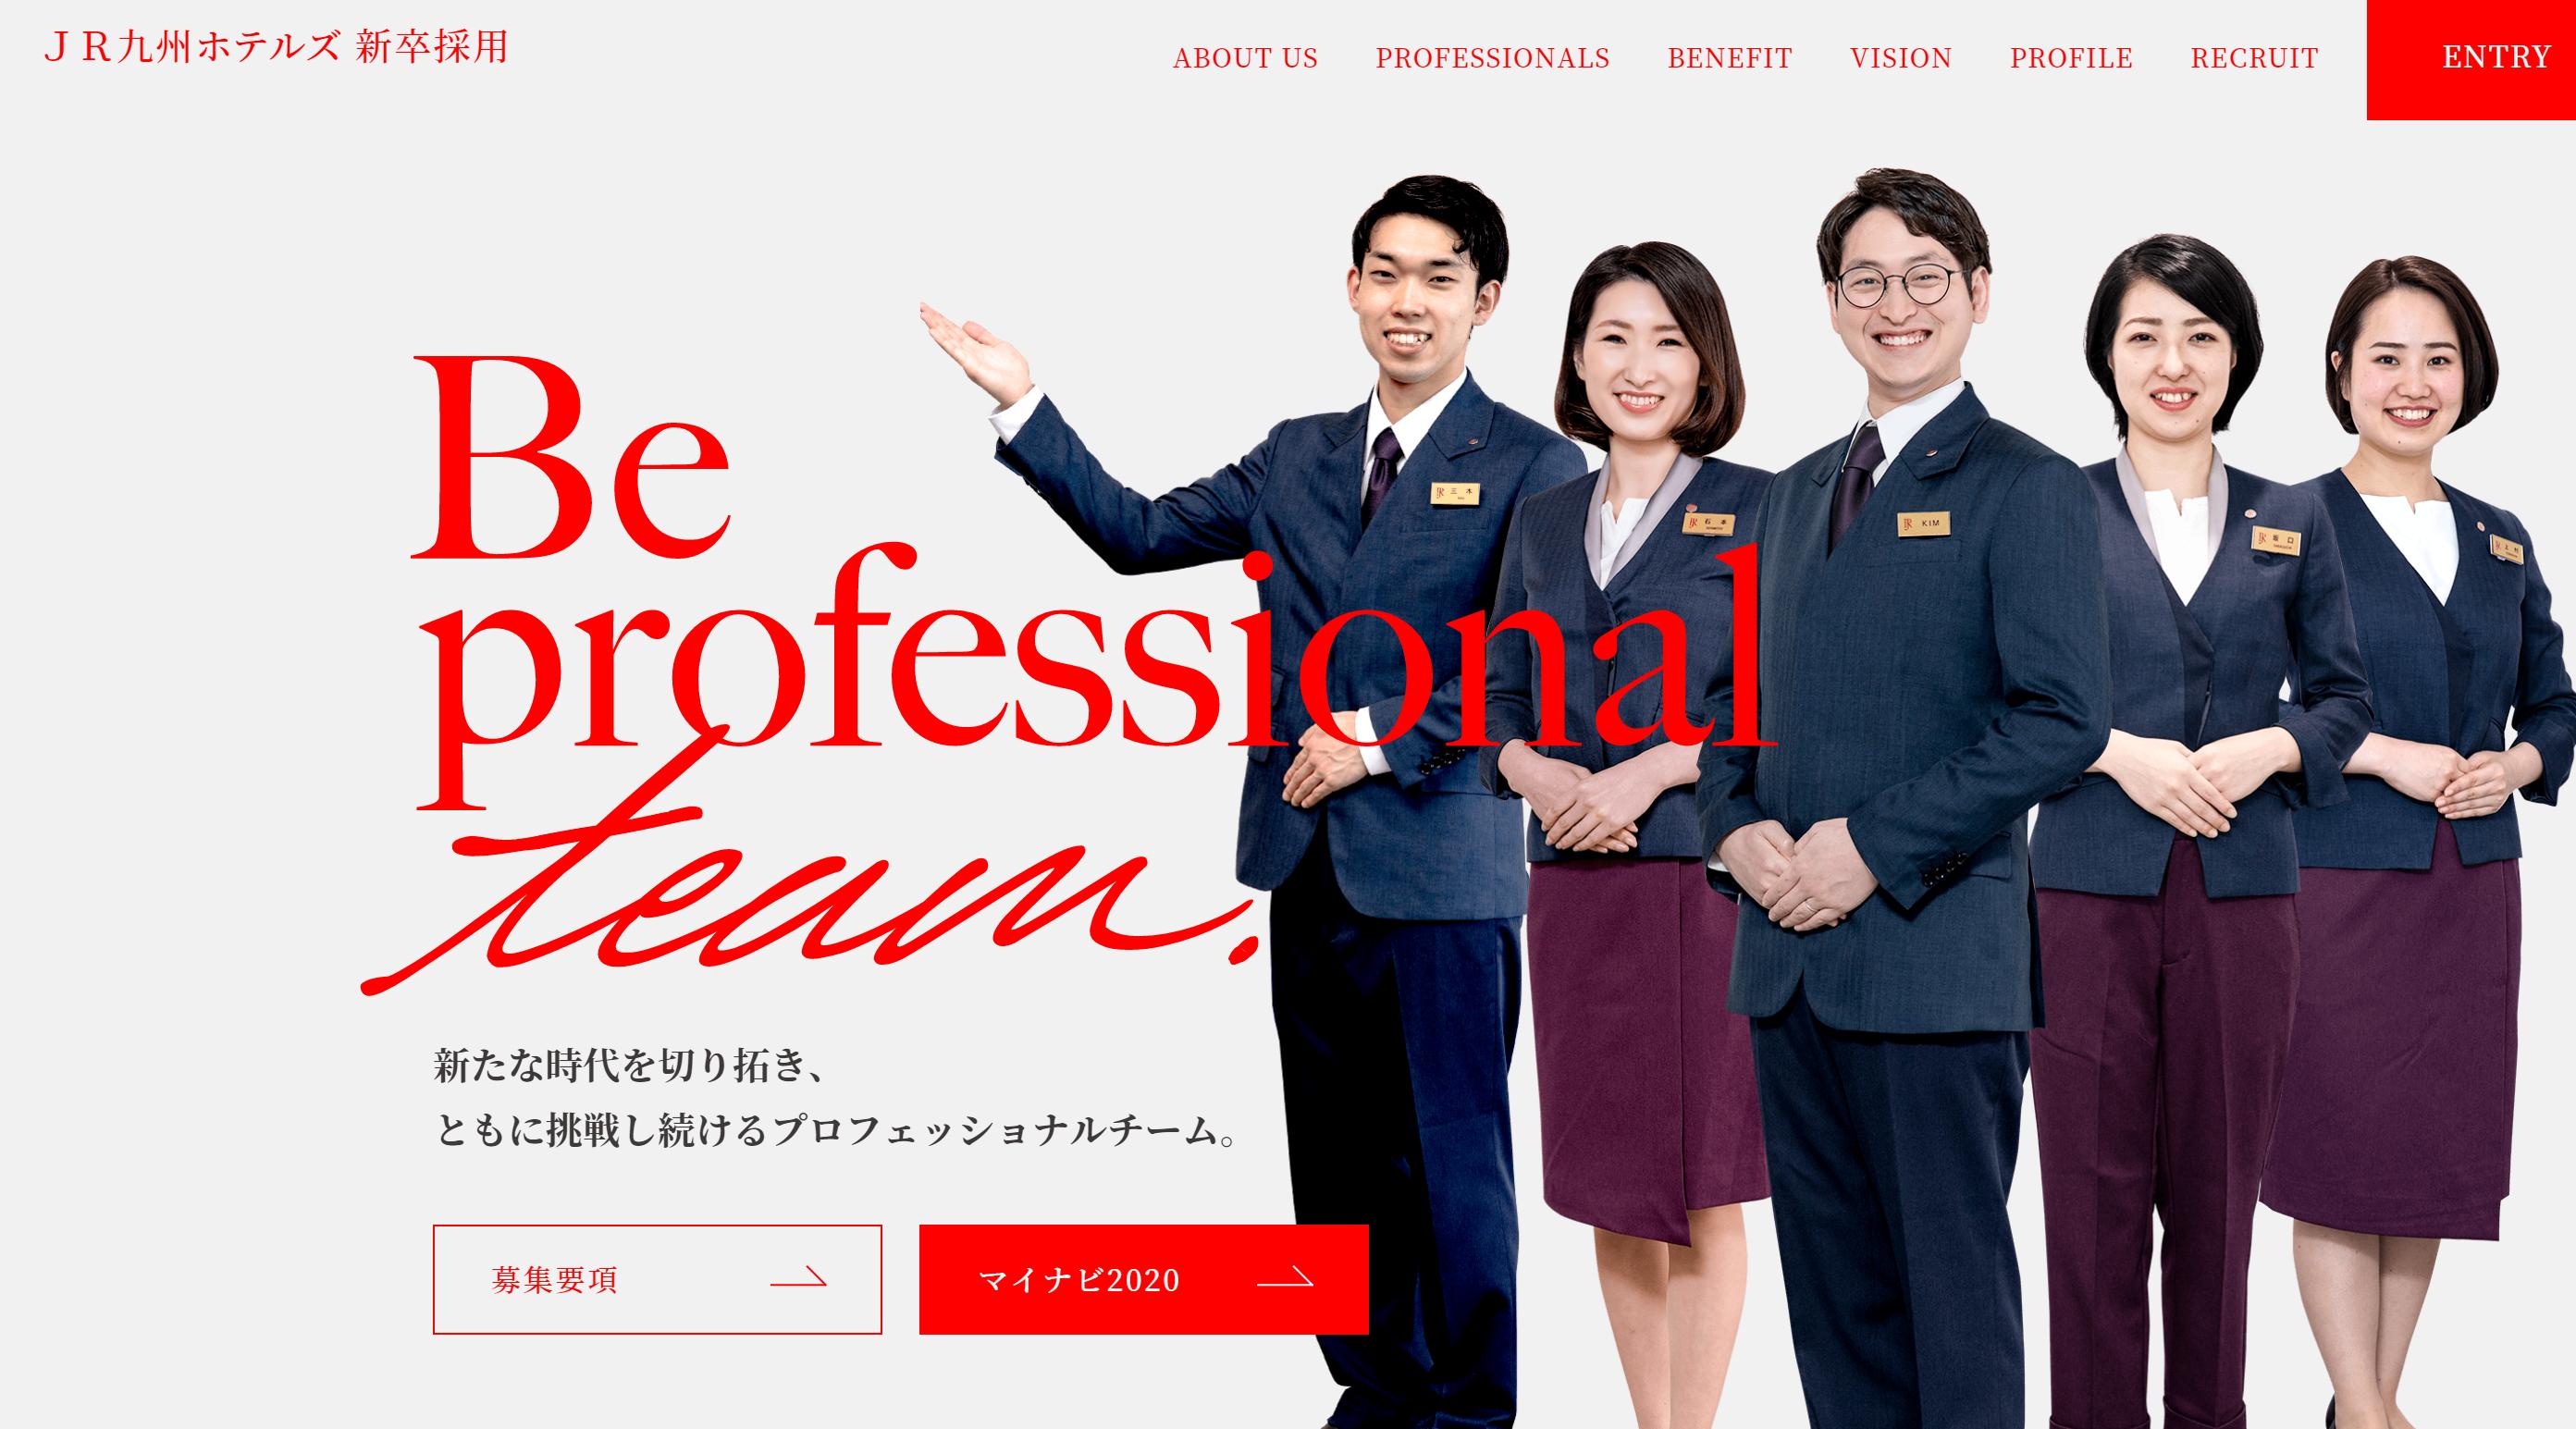 JR九州ホテルズ 新卒採用サイト